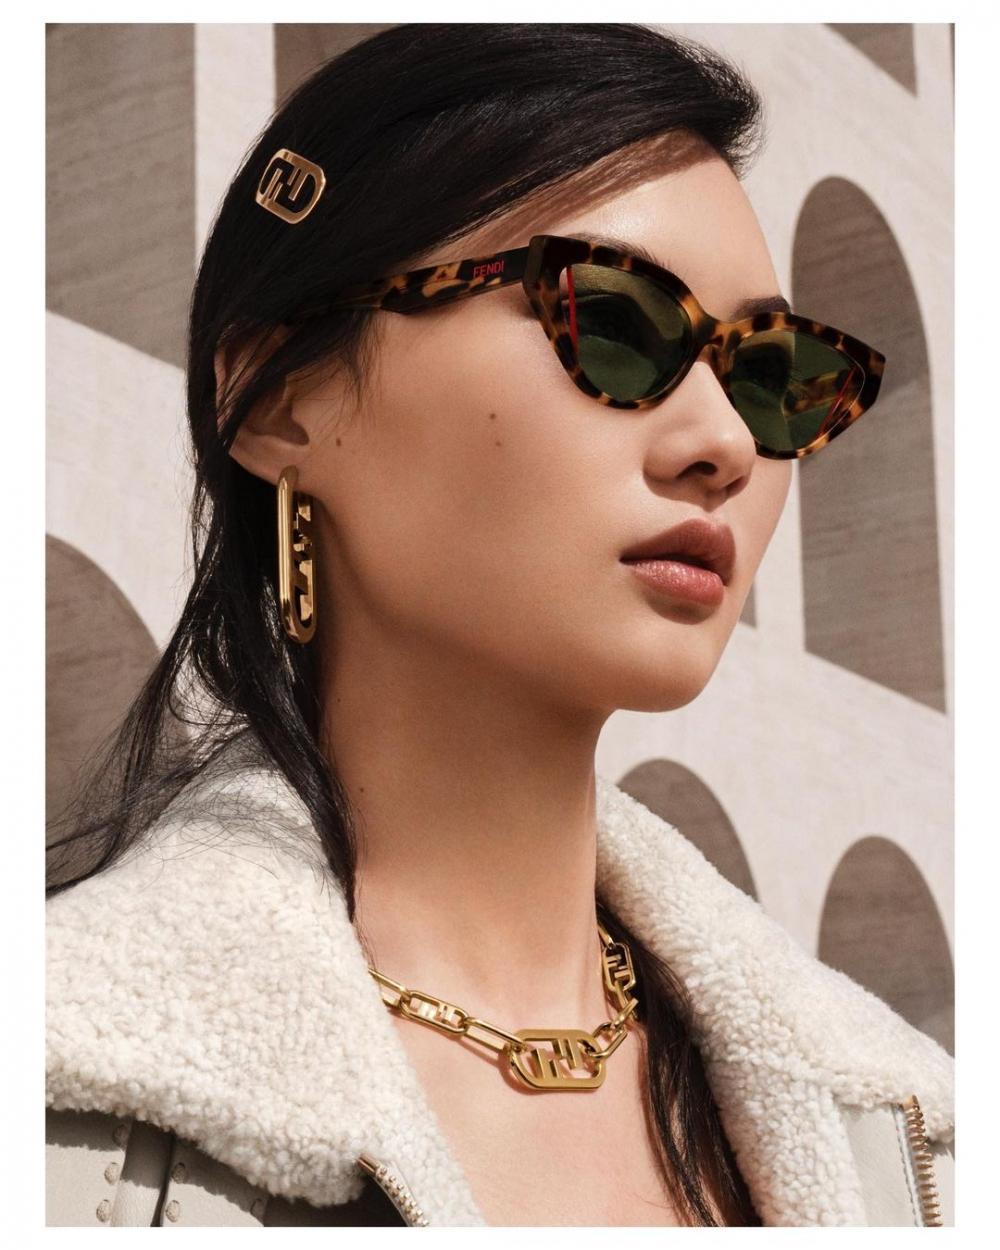 簡約的、型格的、復古的各式各樣配飾的吸引力在CHANEL、Dior、FENDI等大品牌也開始逐漸攀升